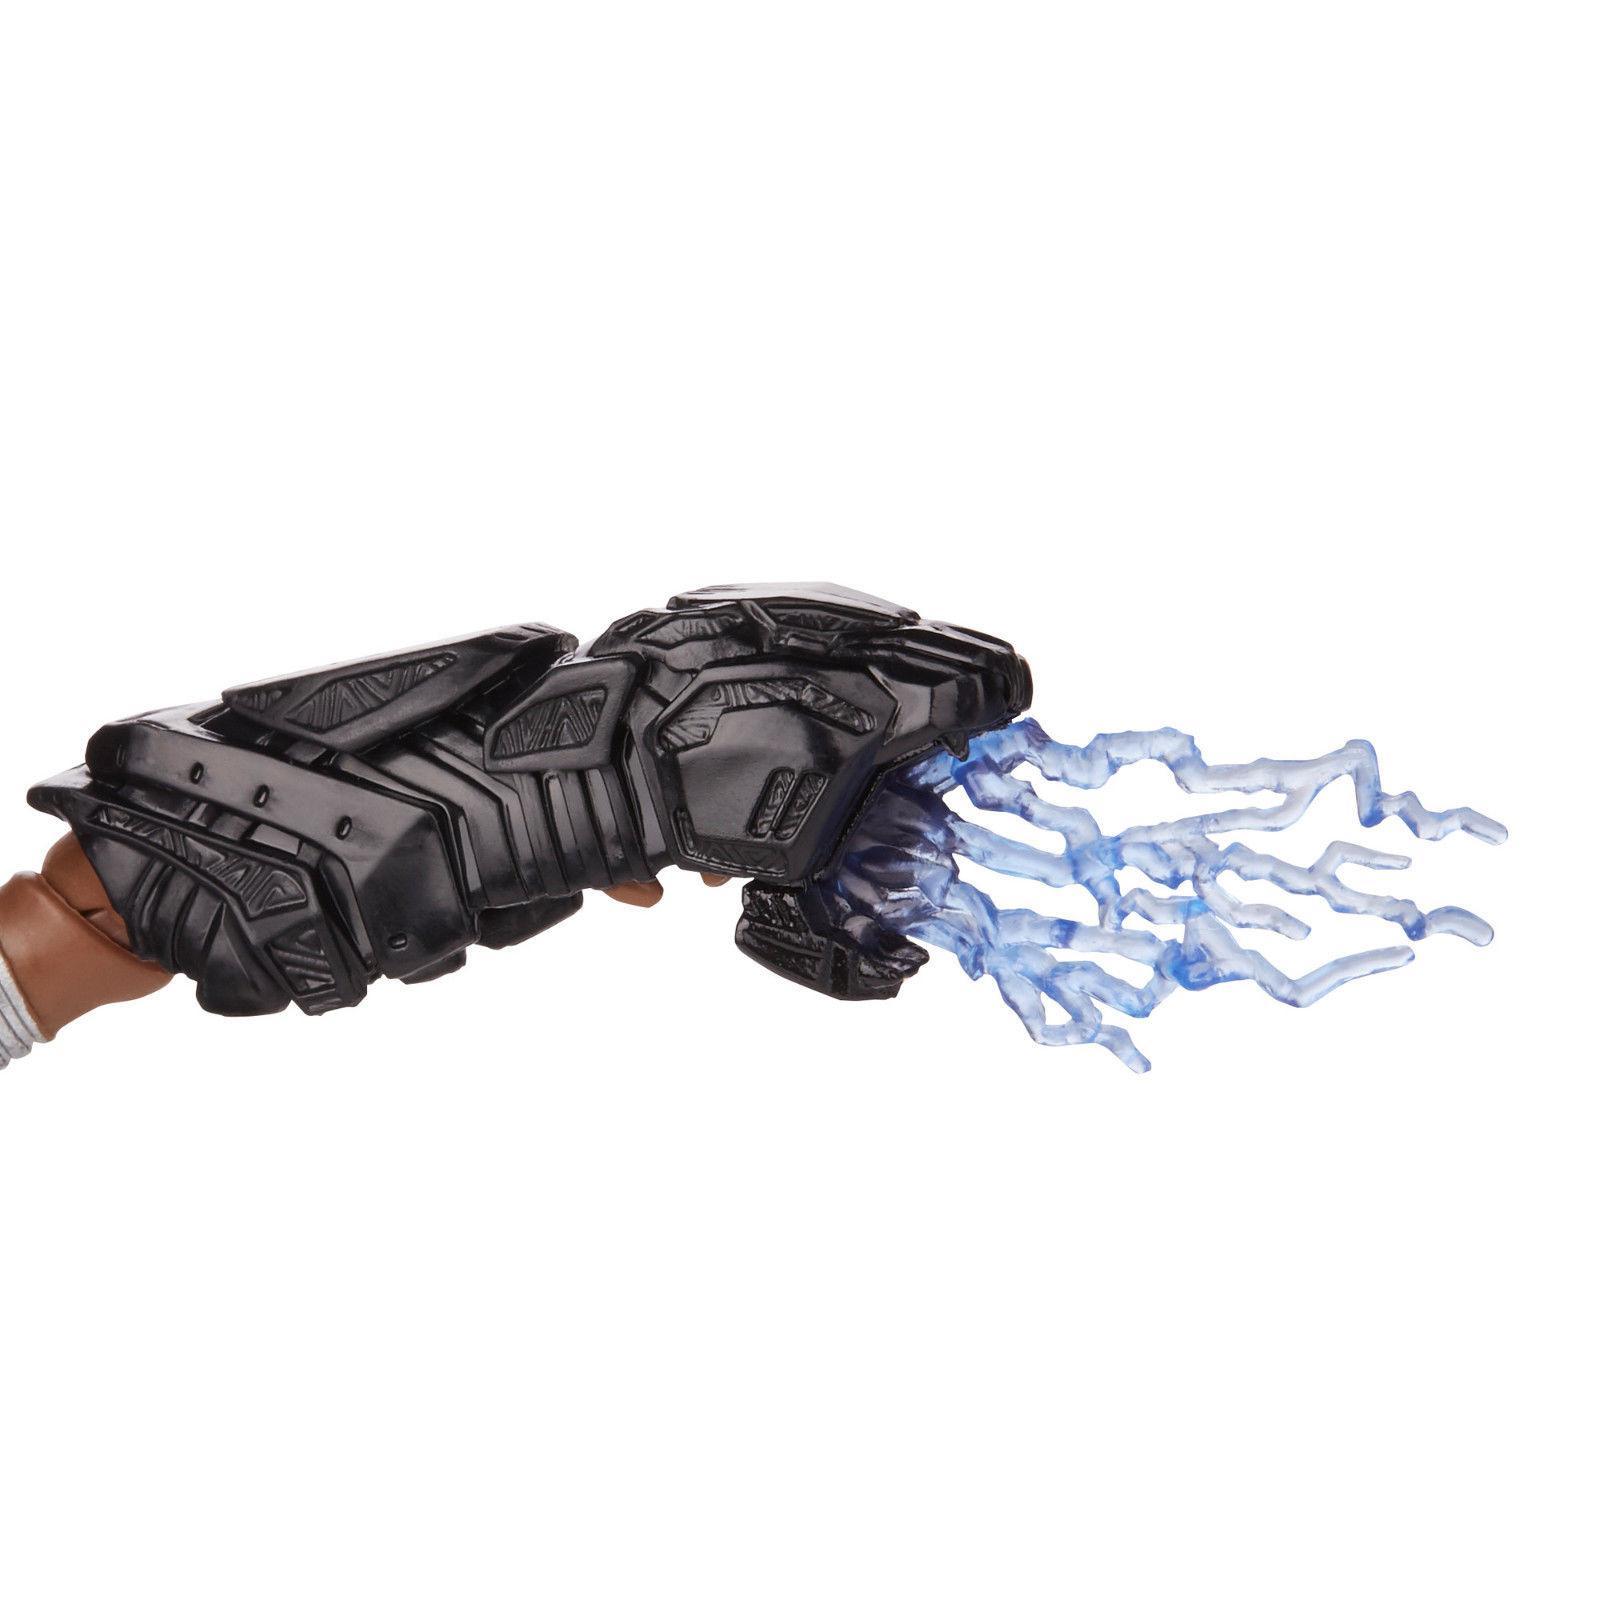 NIP Hasbro Black 6-Inch